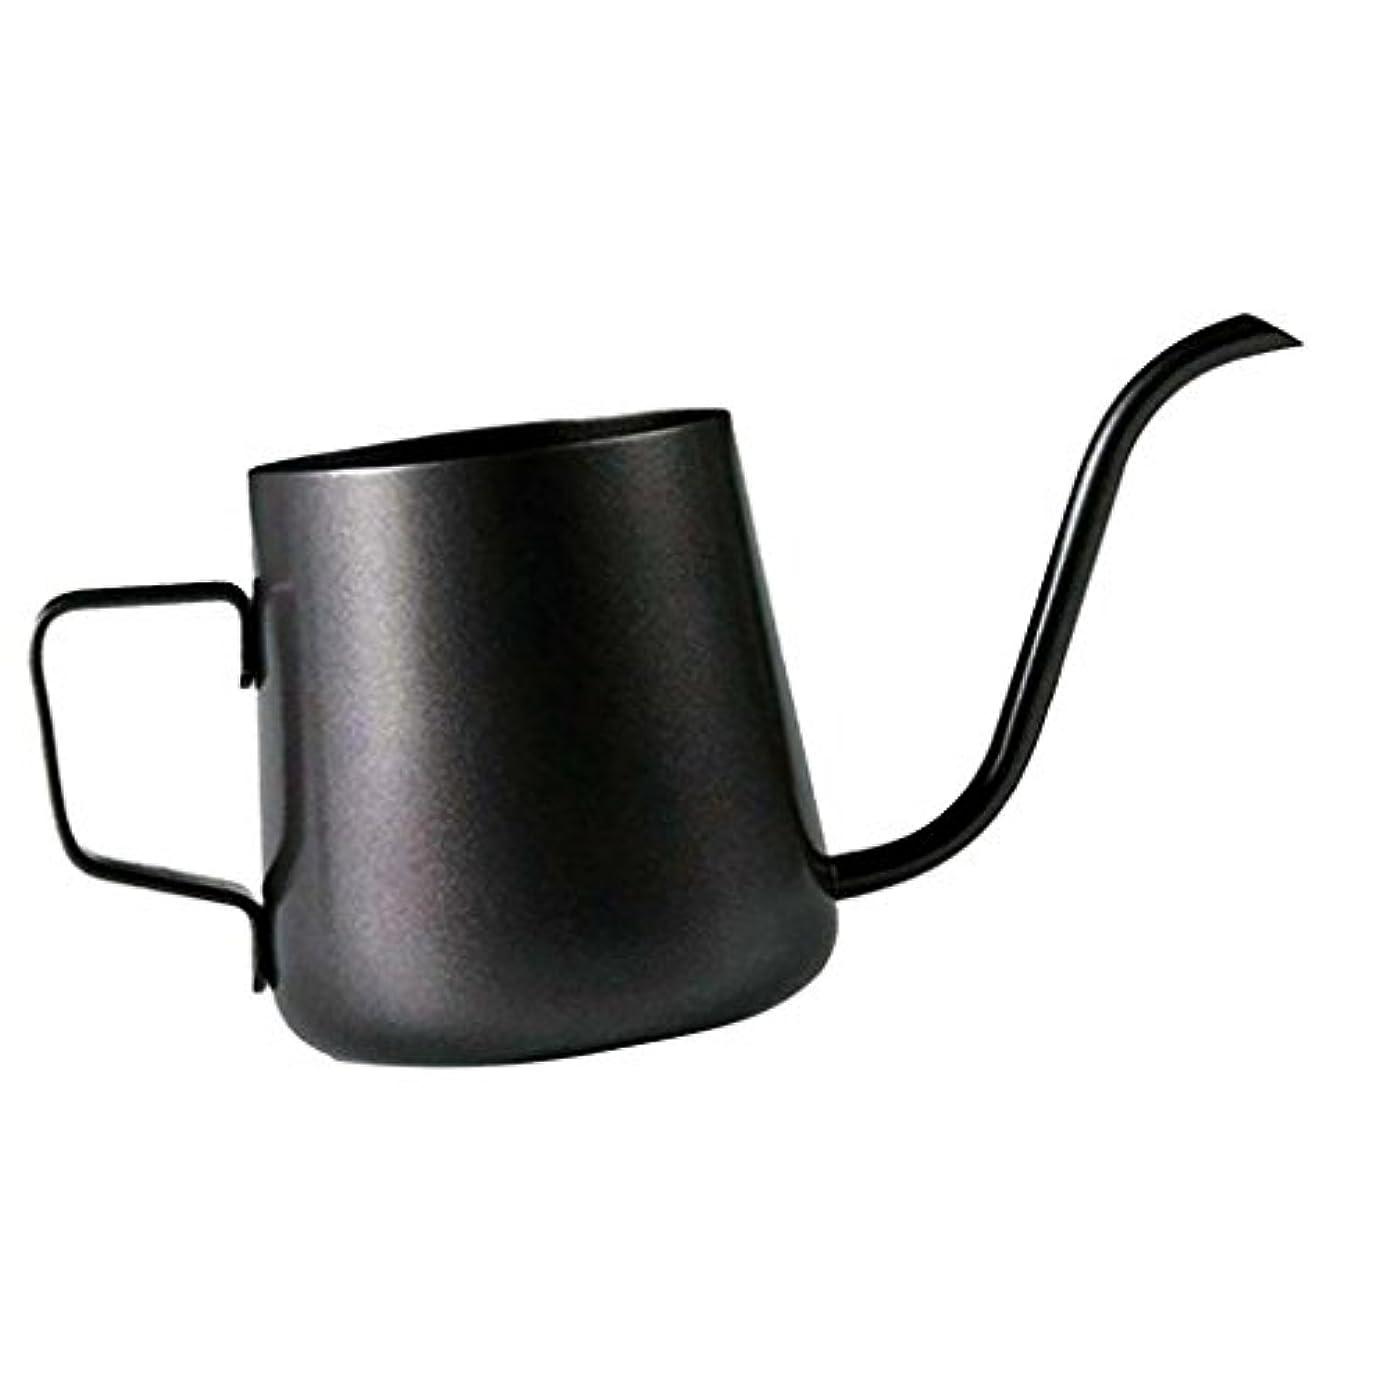 出来事供給日付Homeland コーヒーポット お茶などにも対応 クッキング用品 ステンレス製 エスプレッソポット ケトル - ブラック, 250ミリリットル